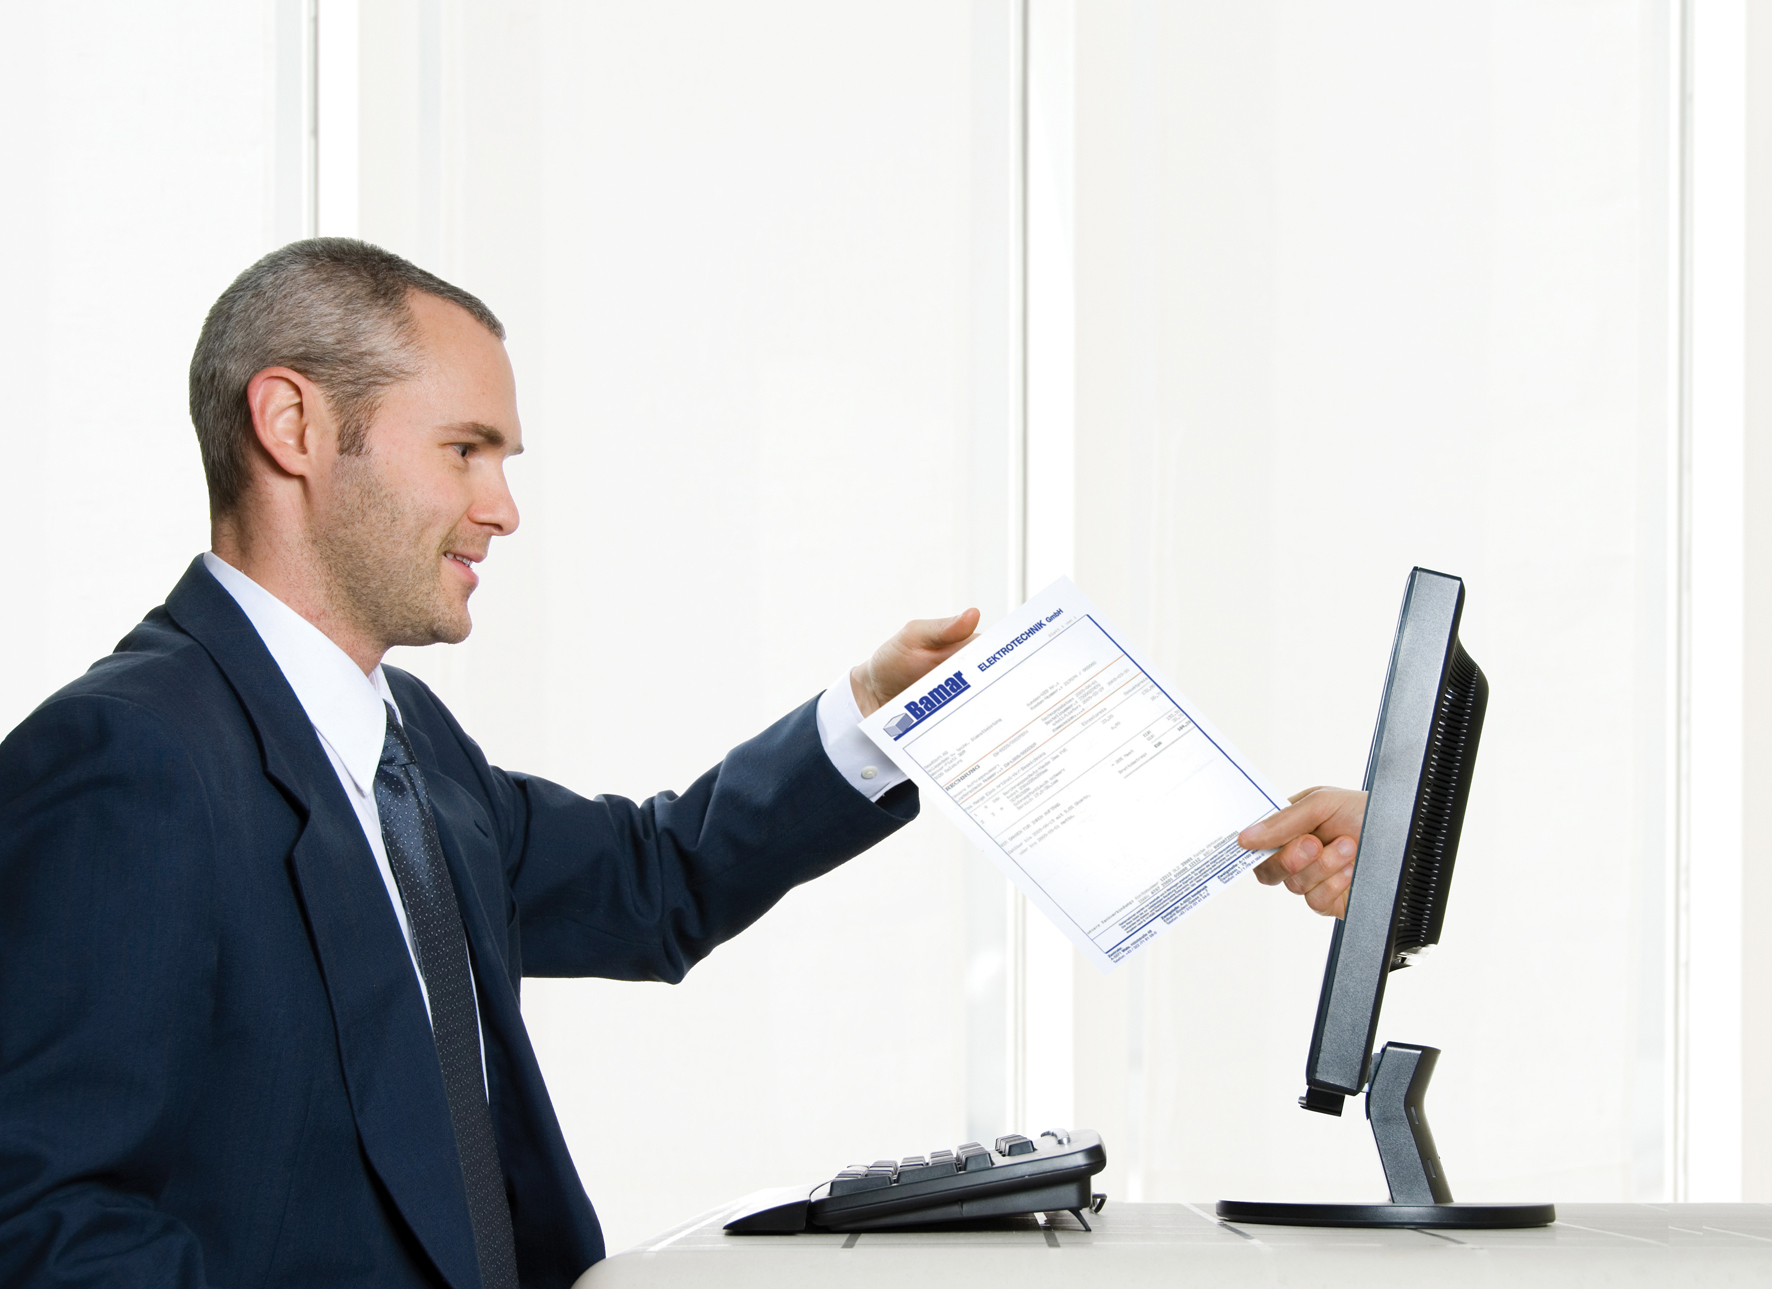 Trwają prace nad wprowadzeniem systemu e-faktur w Unii Europejskiej